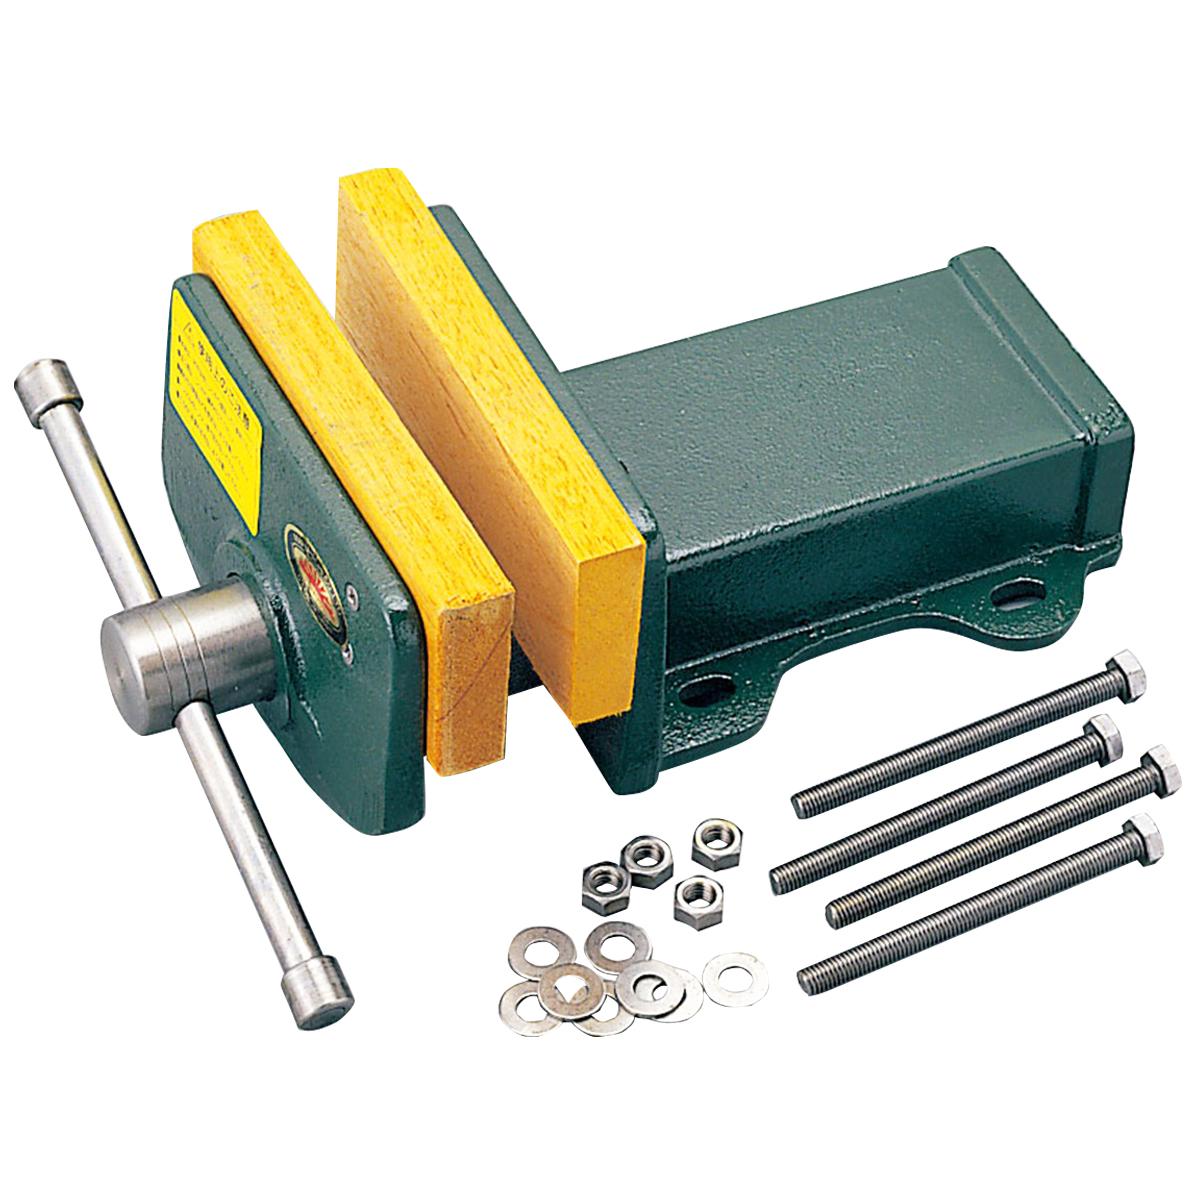 木工万力 WV-150型 台上式 【 木工 木彫 木工具 固定 木工バイス 万力 台上 】